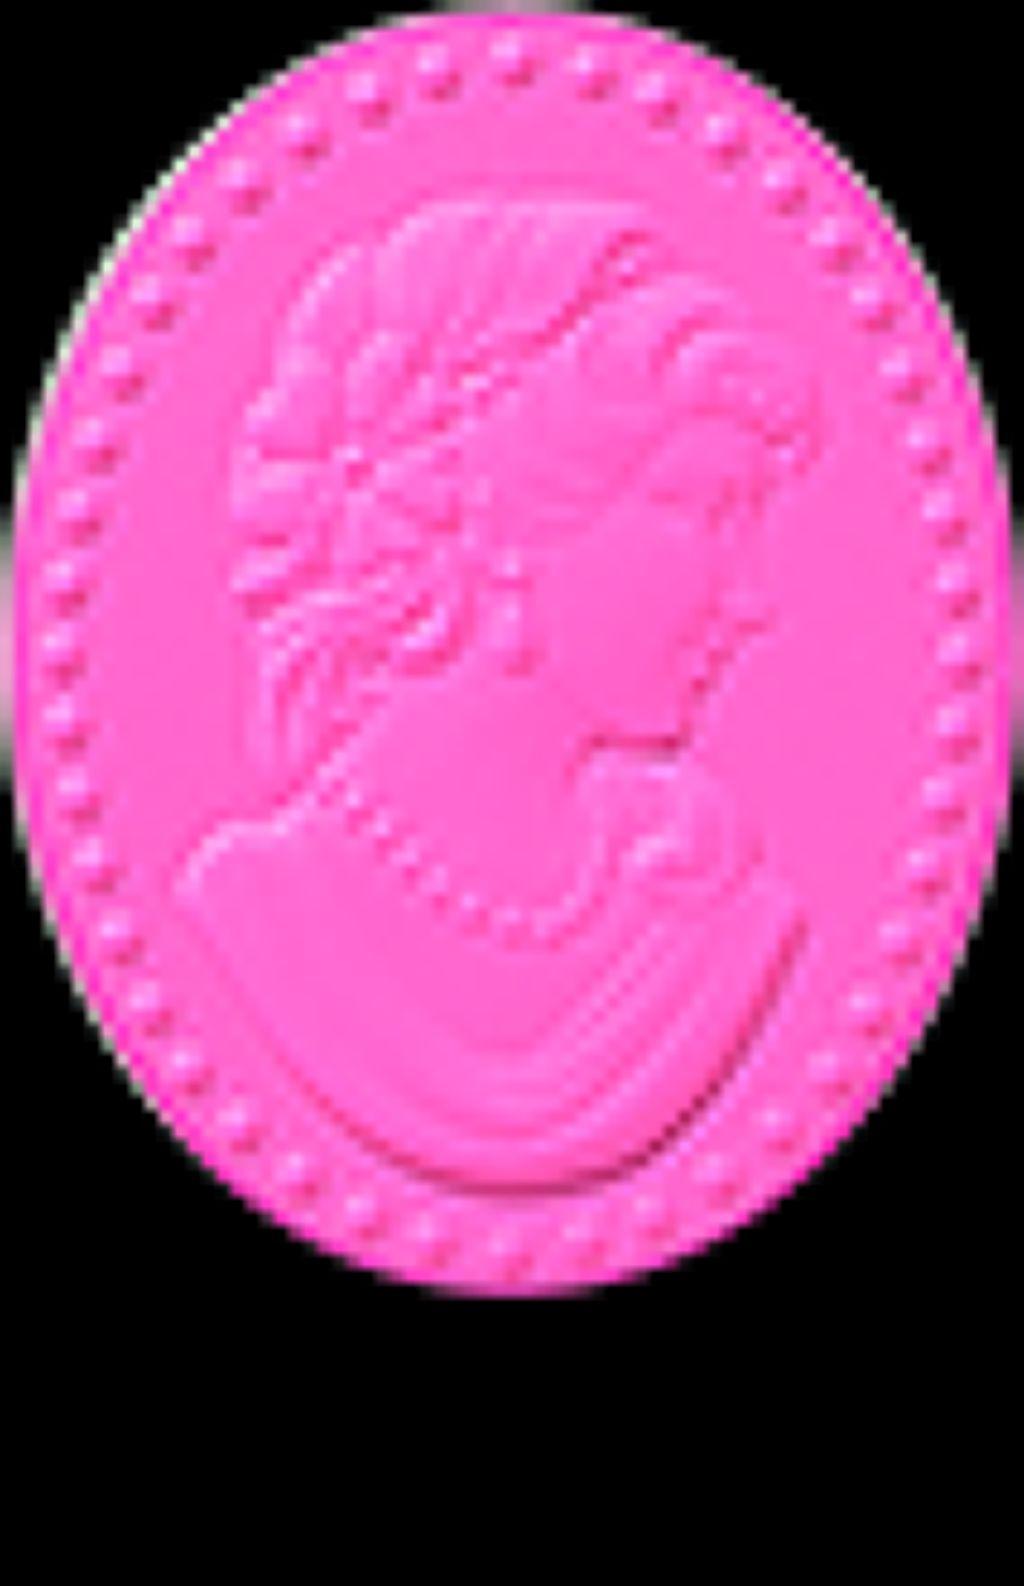 プレスト チークカラー N07 Merveilleuses(メルヴェイユーズ)メルヴェイユーズ